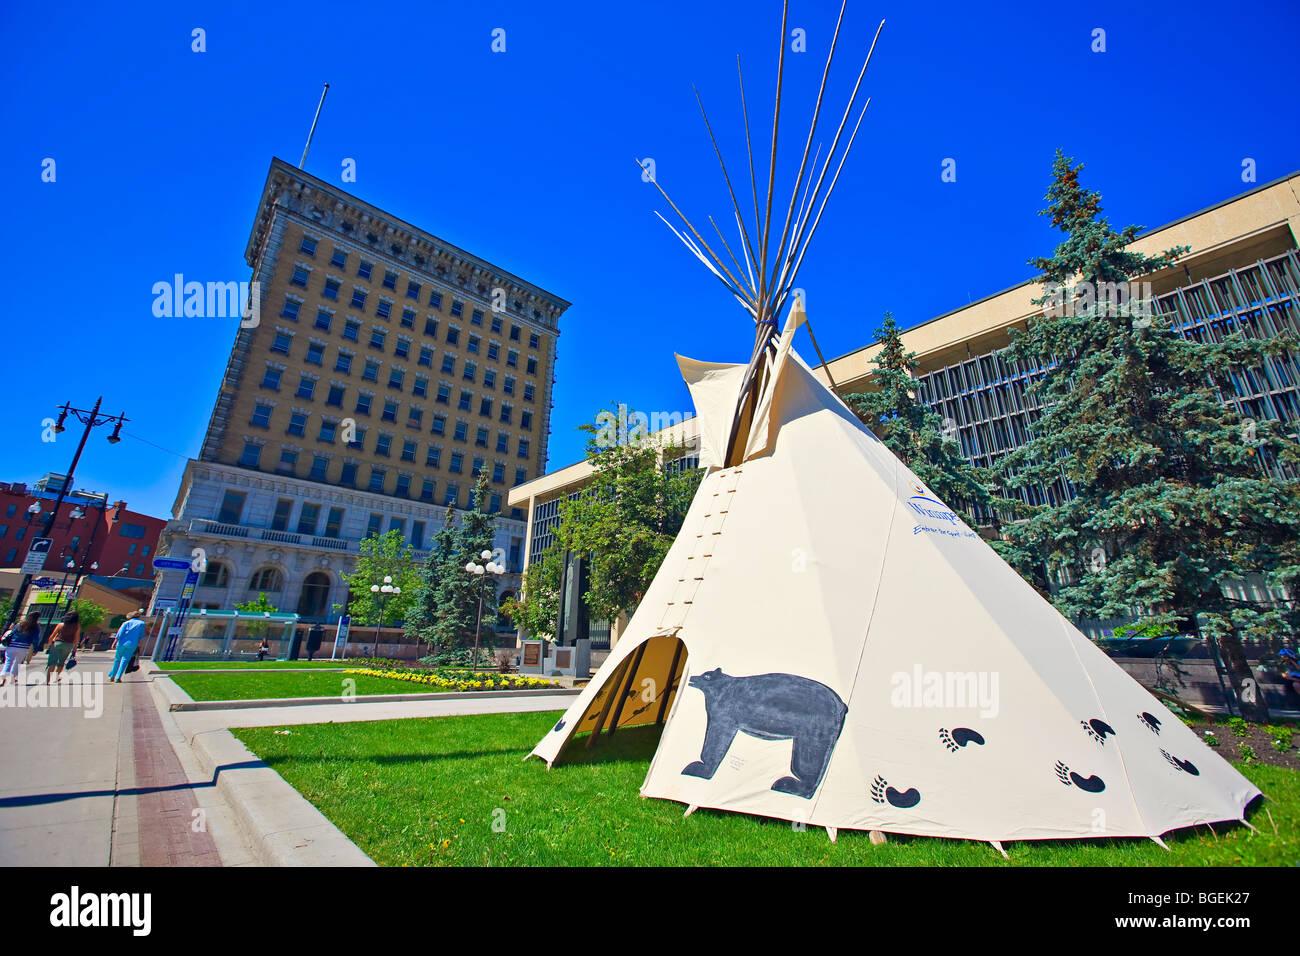 Tienda afuera del Ayuntamiento como parte de las celebraciones del Día Nacional de aborígenes, de la ciudad Imagen De Stock